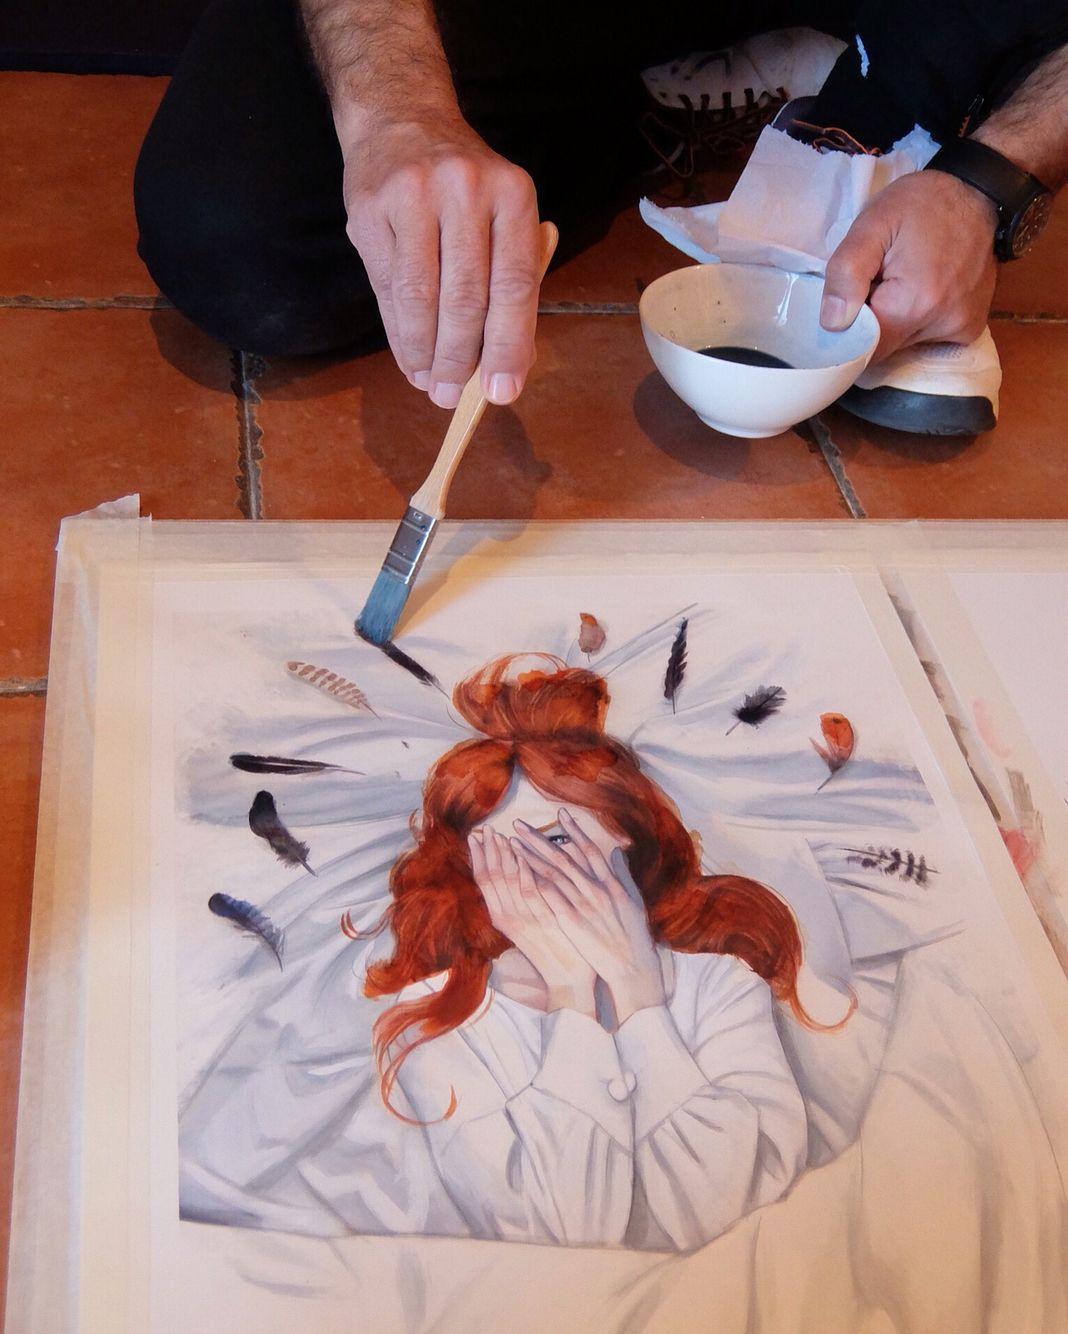 'Cumbres Borrascosas' de Emily Brontë. Exposición de originales en @panta_rhei_madrid ....hasta el 7 de mayo @treshermanased #cumbresborrascosas #WutheringHeights #fernandovicente #emilybrontë #treshermanasediciones #panta_rhei_madrid